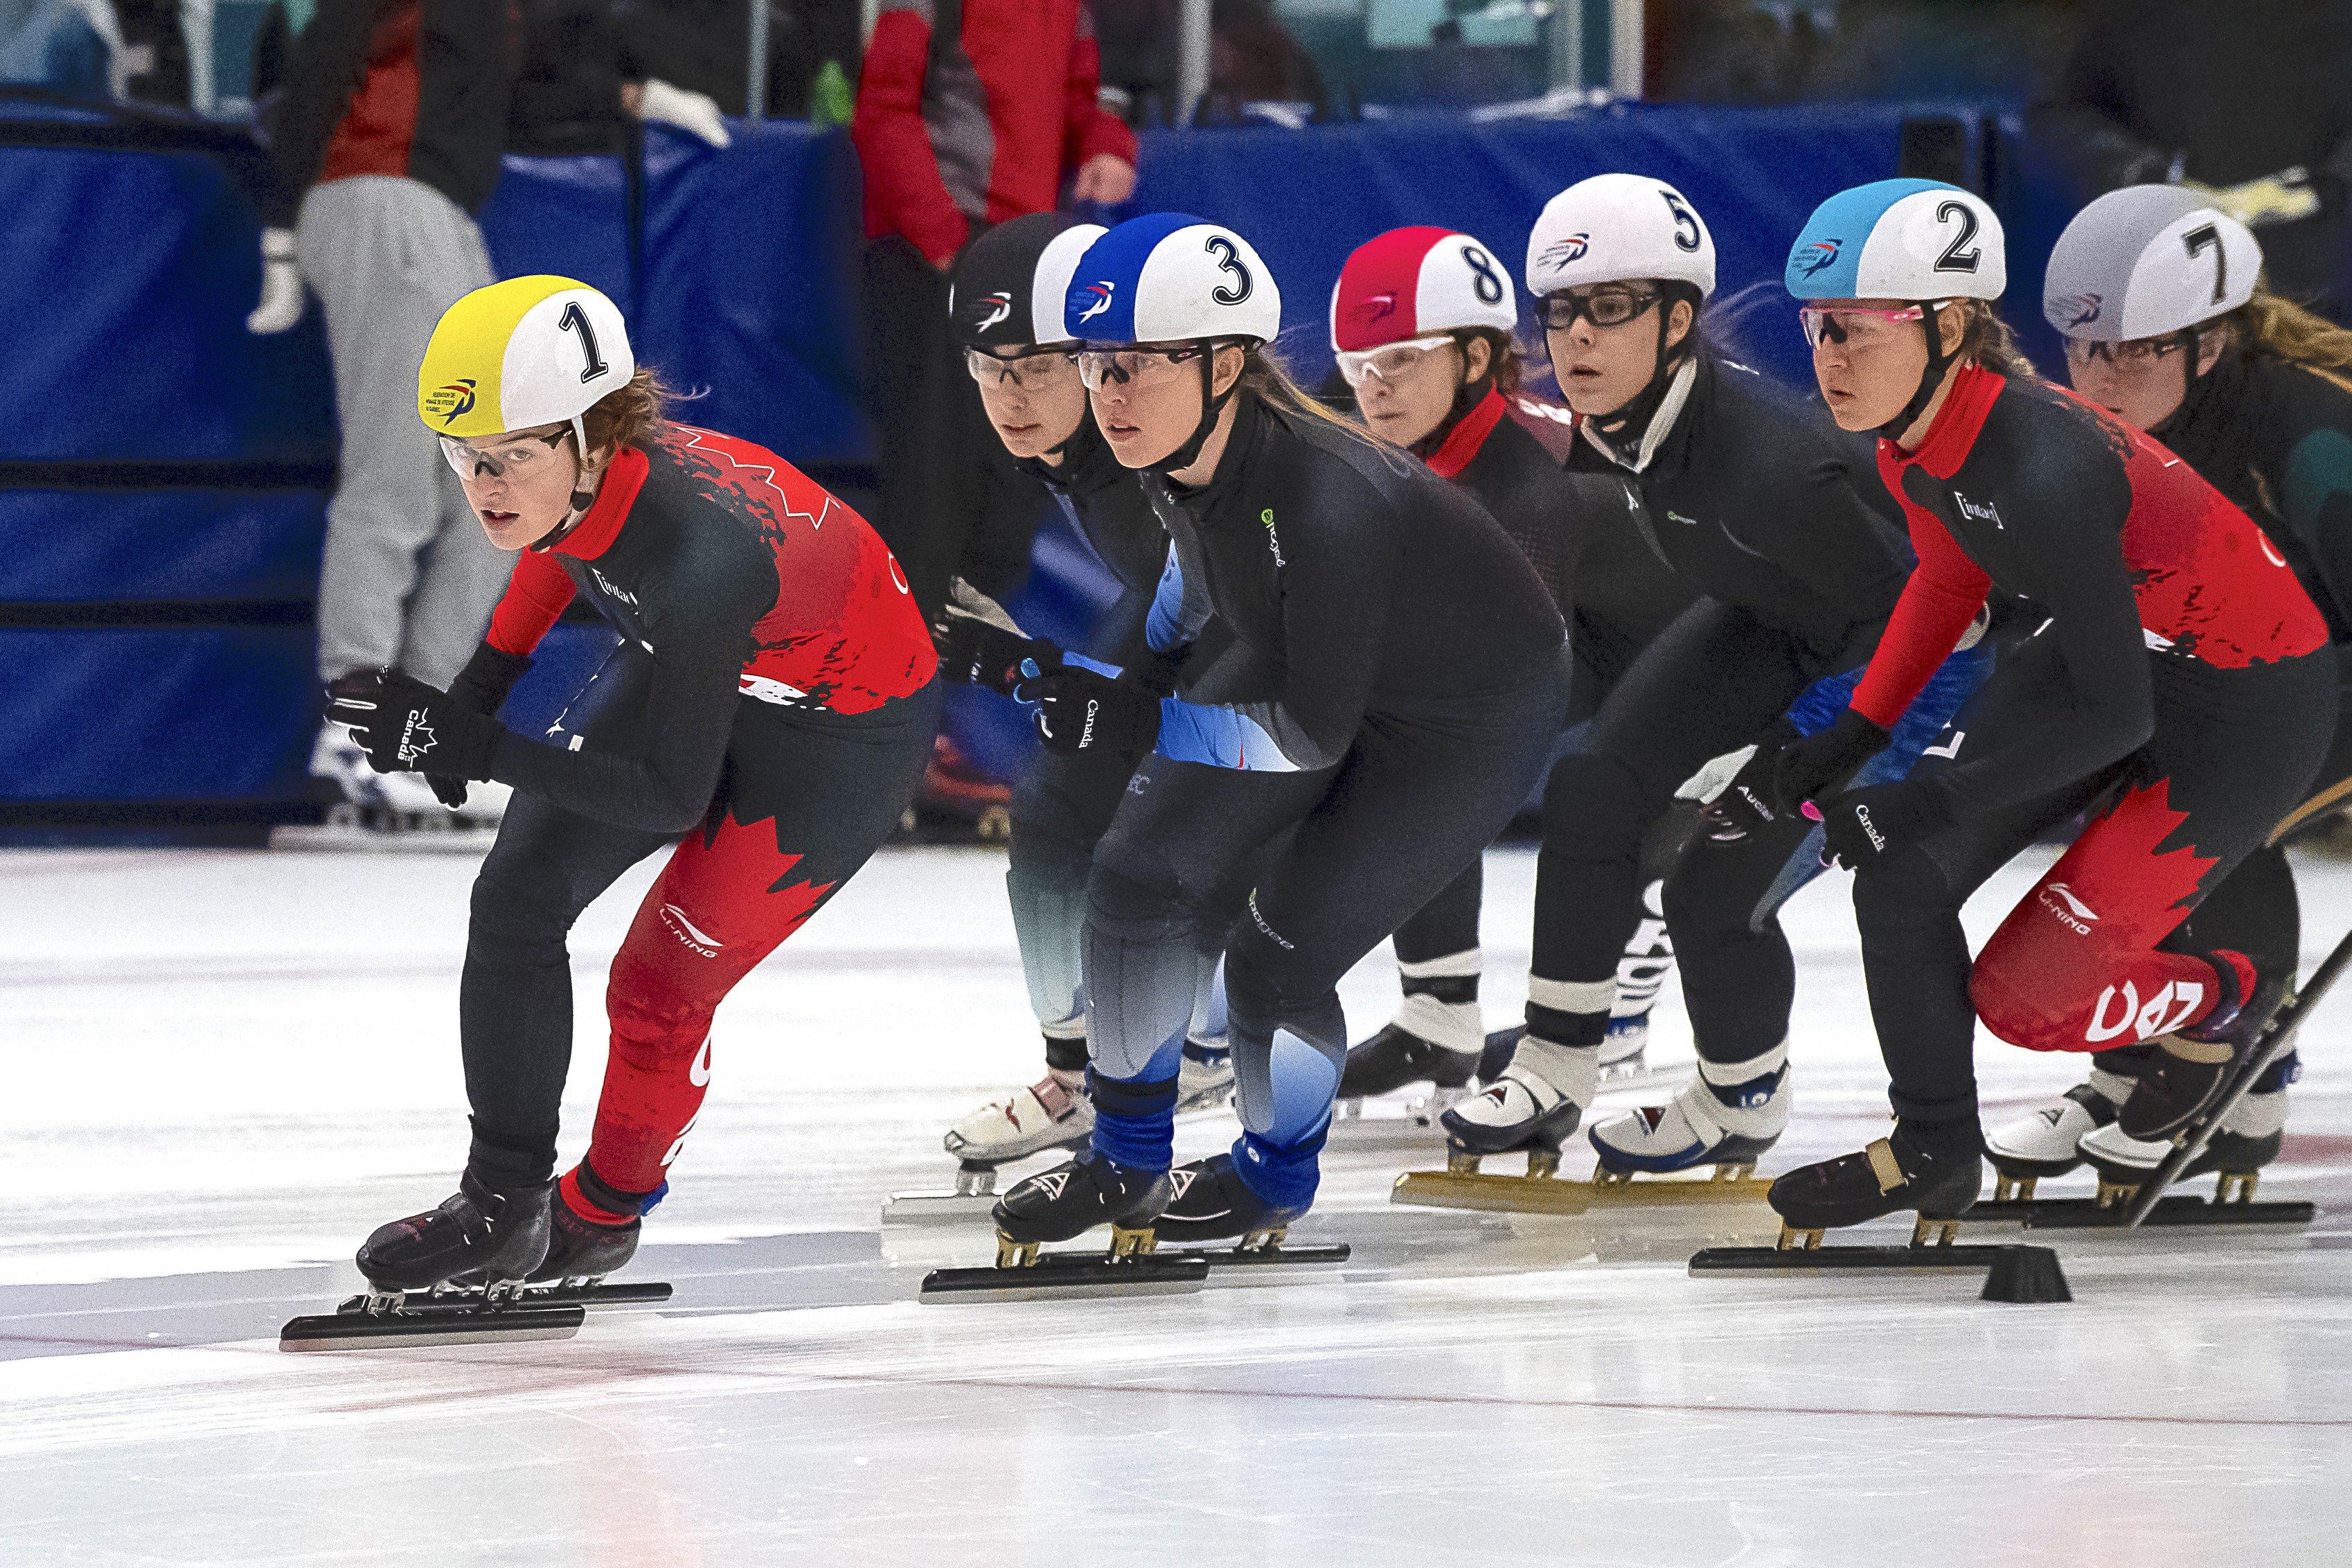 Alyson Charles sera l'une des patineuses présentes à la Place Bell, les 14 et 15 septembre, pour la première compétition de la saison. — Photo Claude Rochon